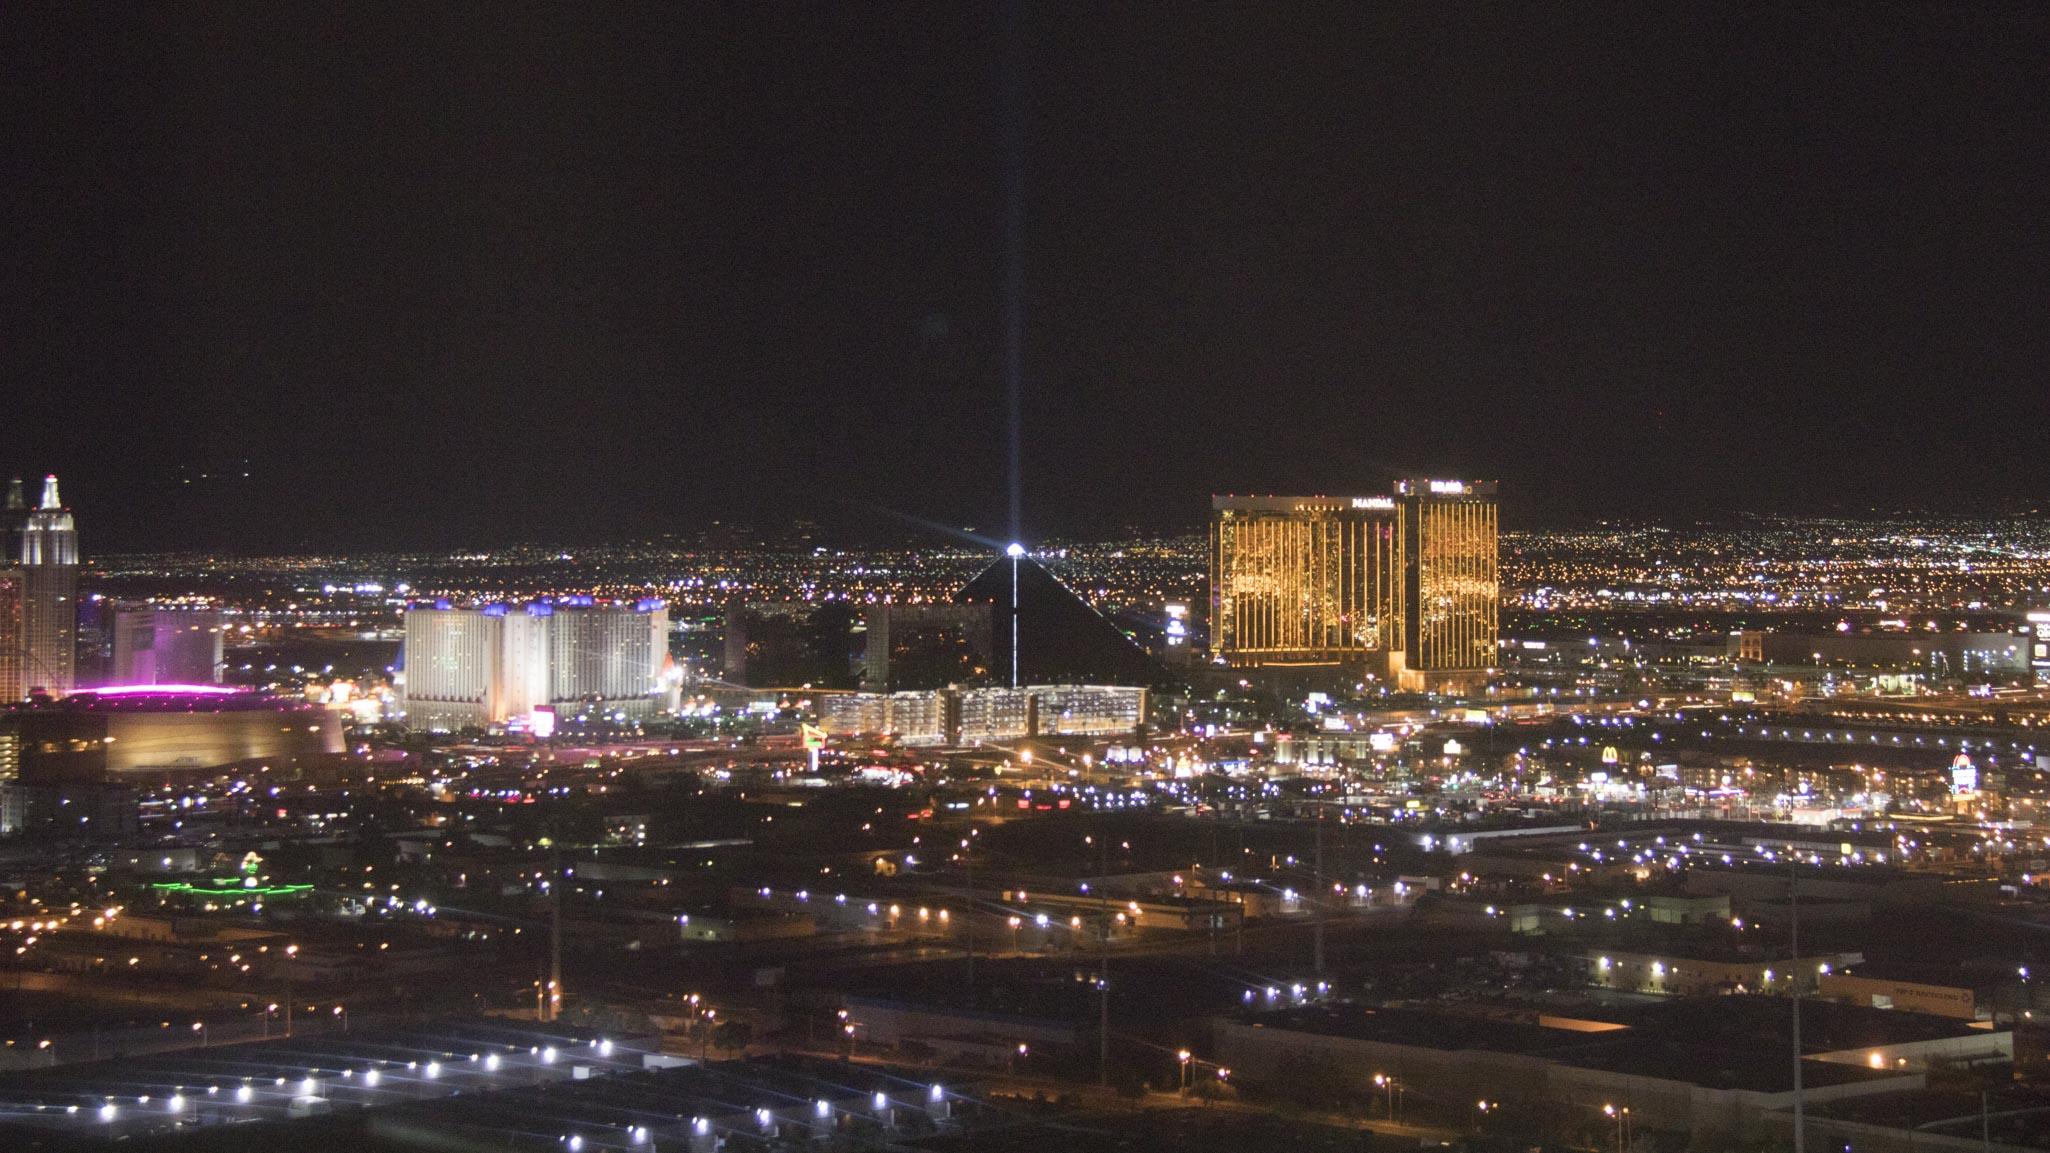 Las Vegas at night (1 of 1)